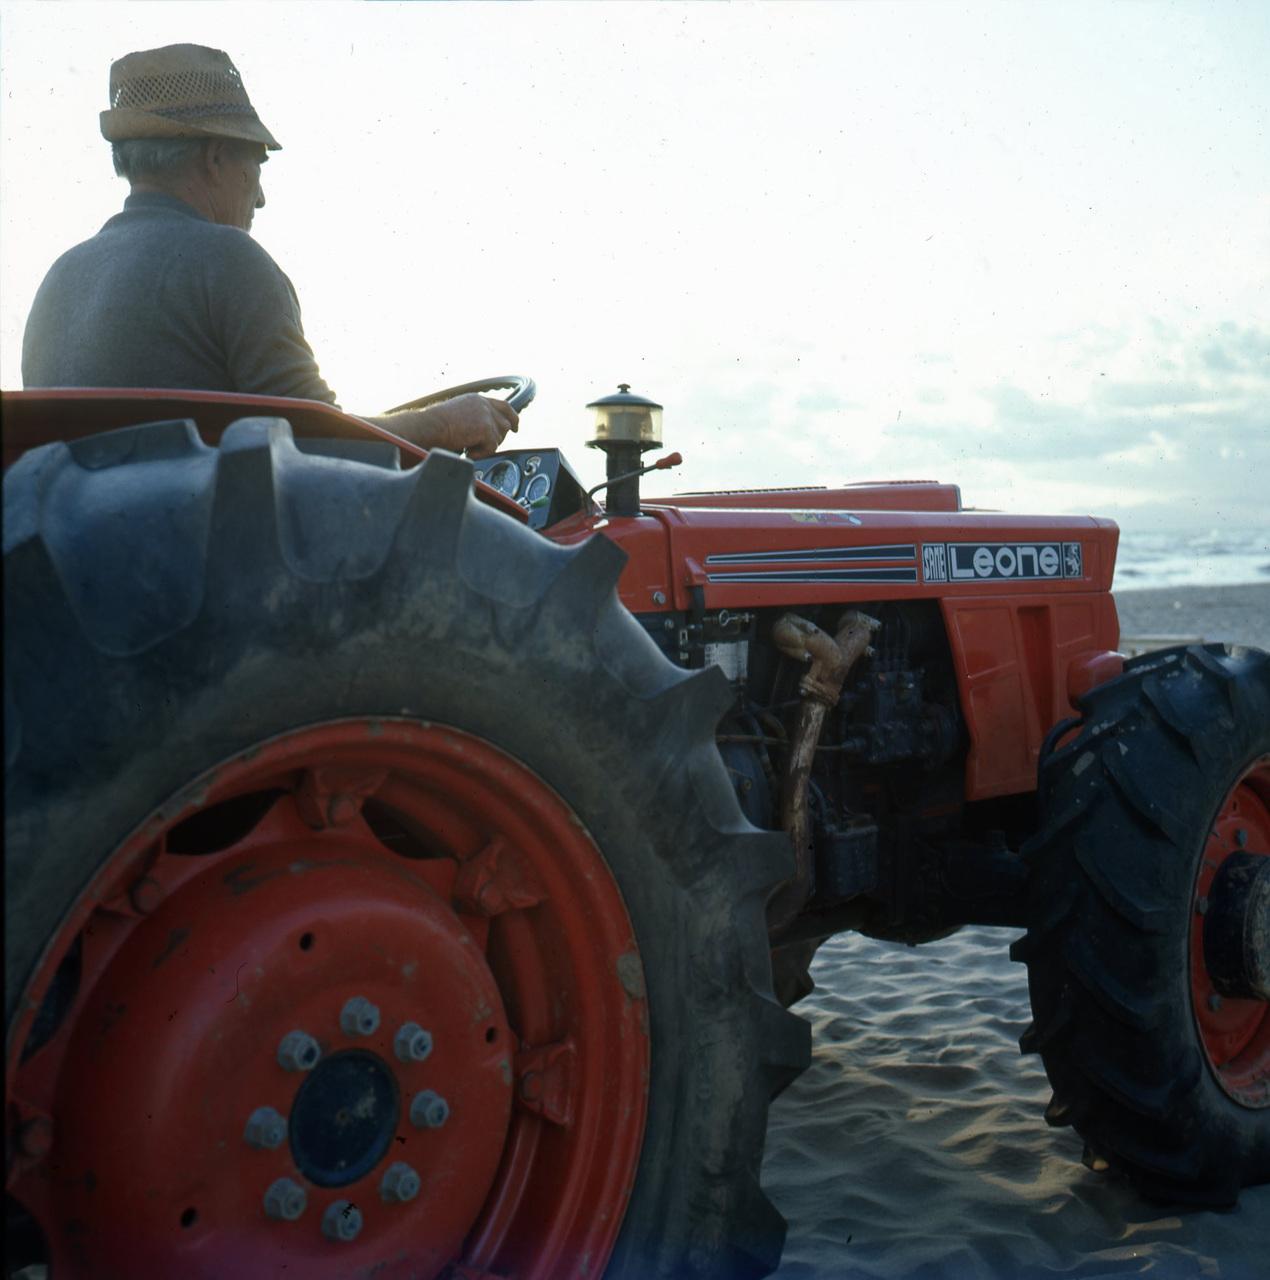 [SAME] trattore Leone su una spiaggia